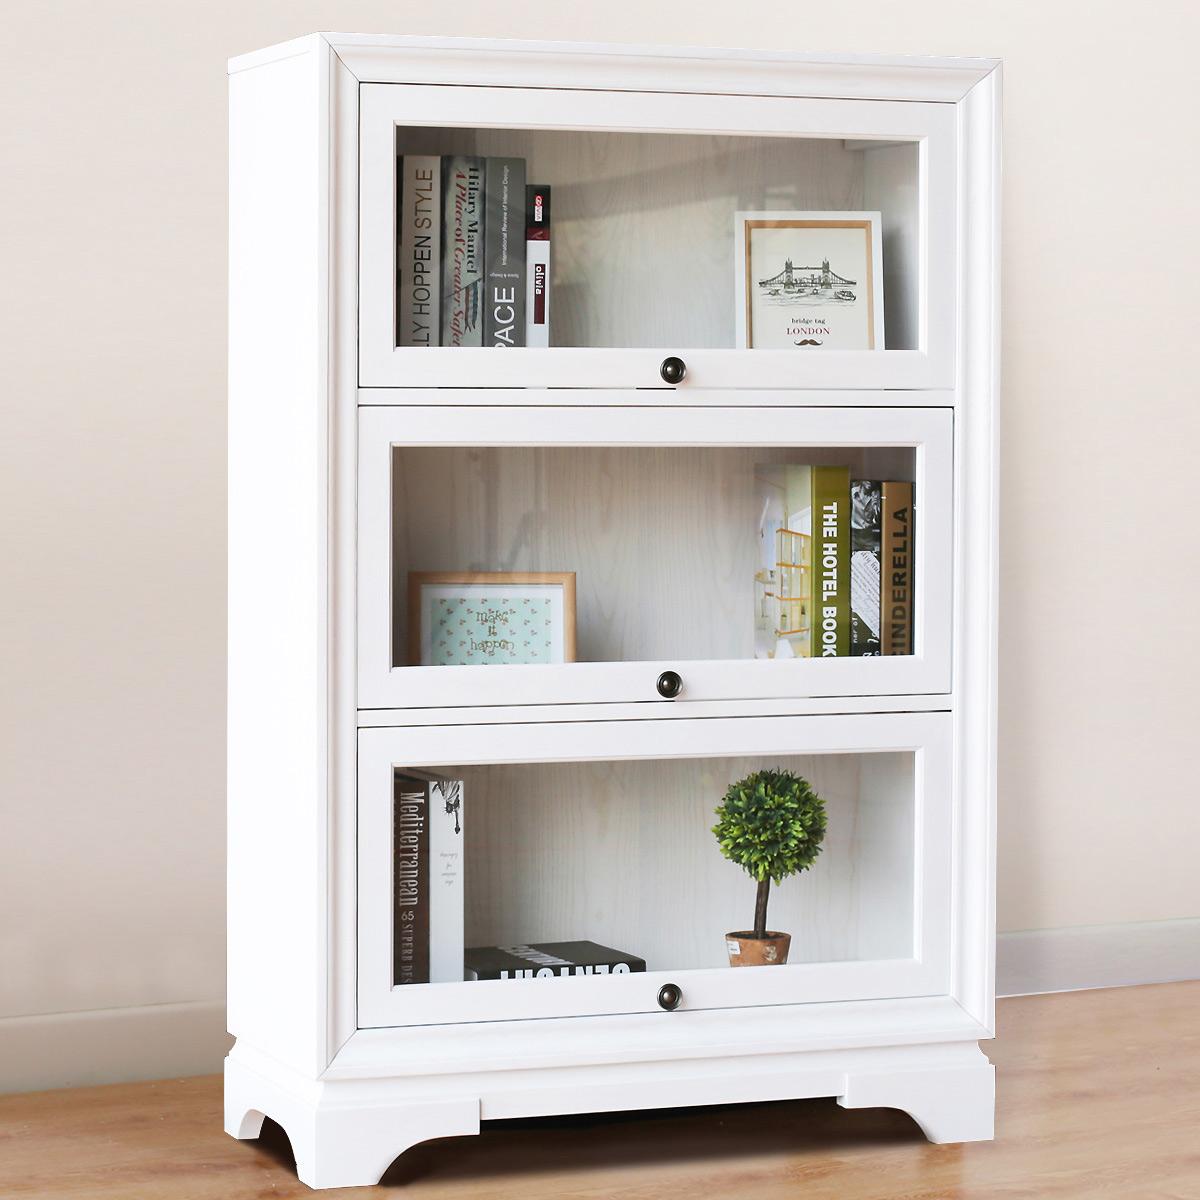 鑫富士实木书柜书房带玻璃门三层书架环保置物架展示柜